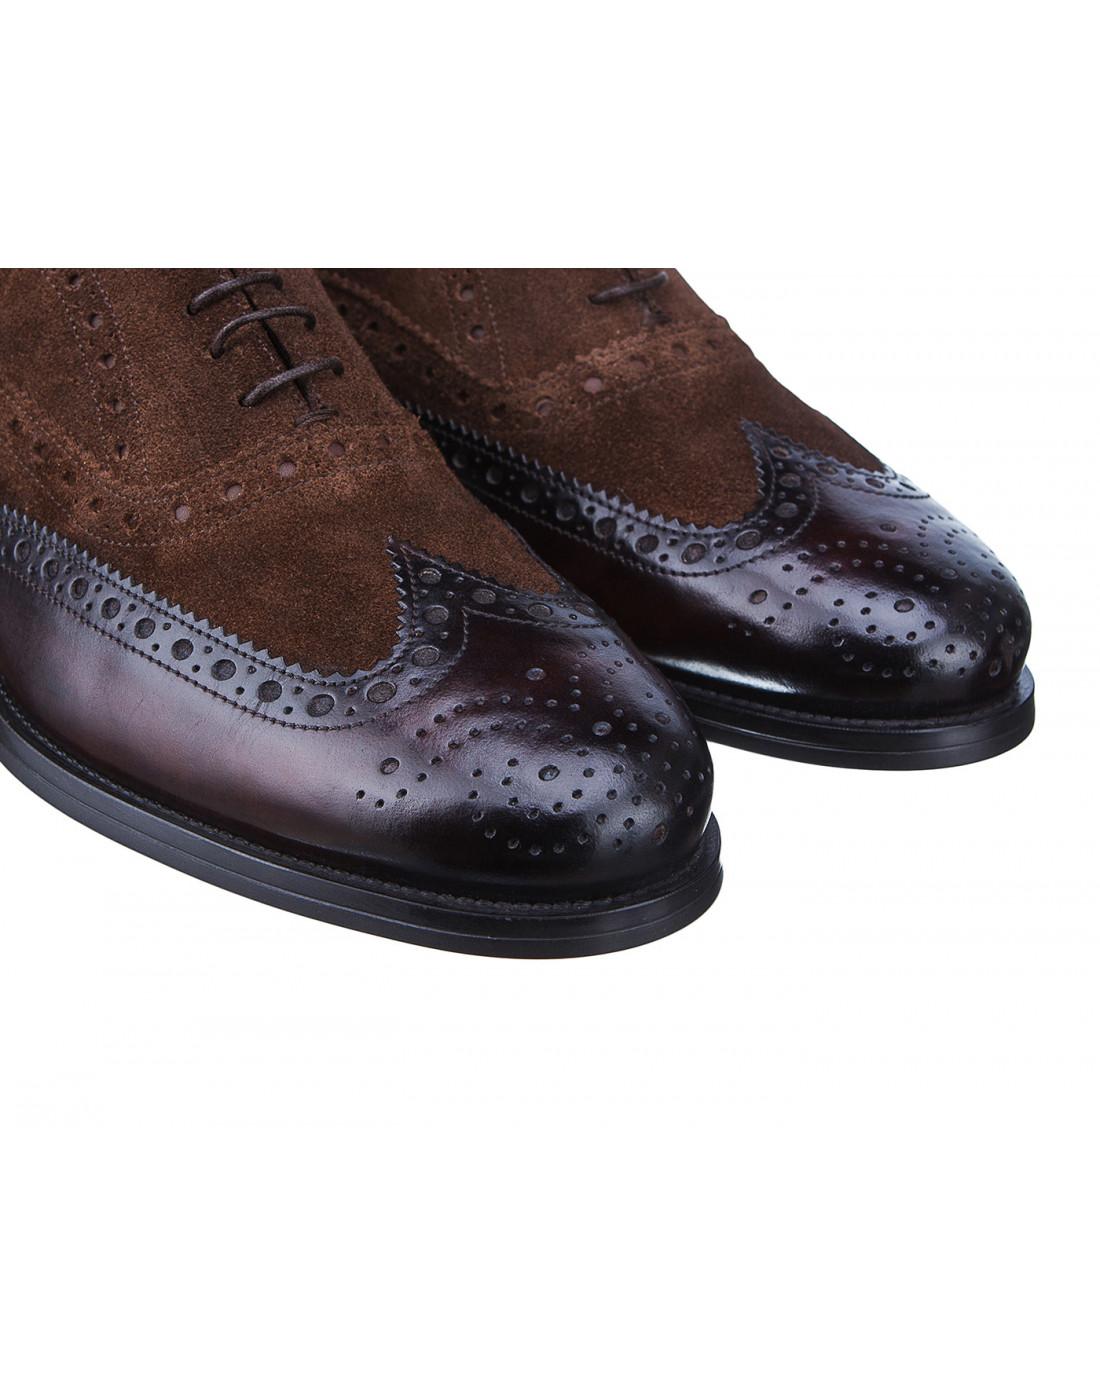 Туфли коричневые мужские Santoni S15752 - 50-4